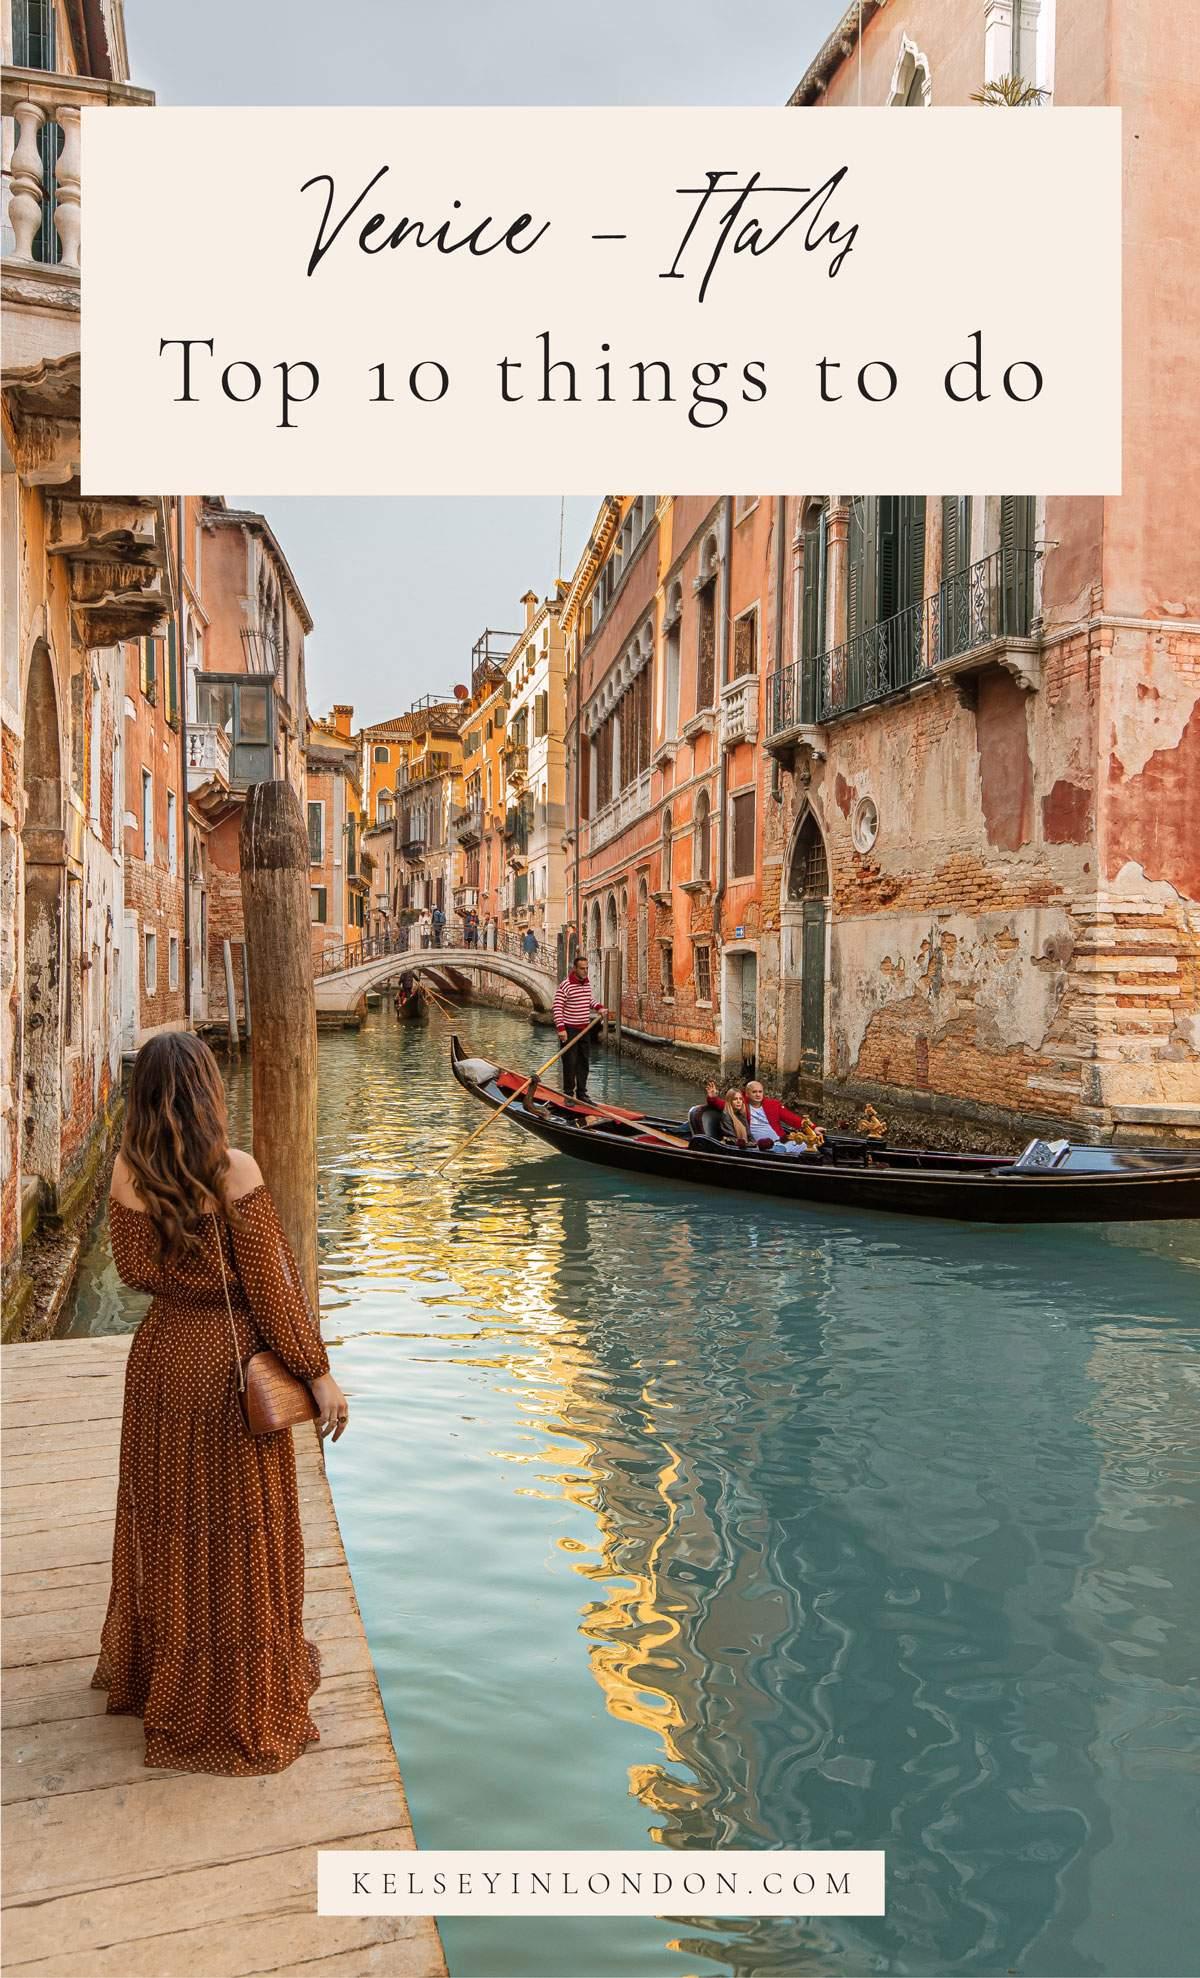 Top things to do in Venice - Venice Bucketlist - Instagram Story Template - kelseyinlondon - Kelsey Heinrichs - What to do in Venice - Where to go in Venice - top places in Venice - Venice Instagram Spots